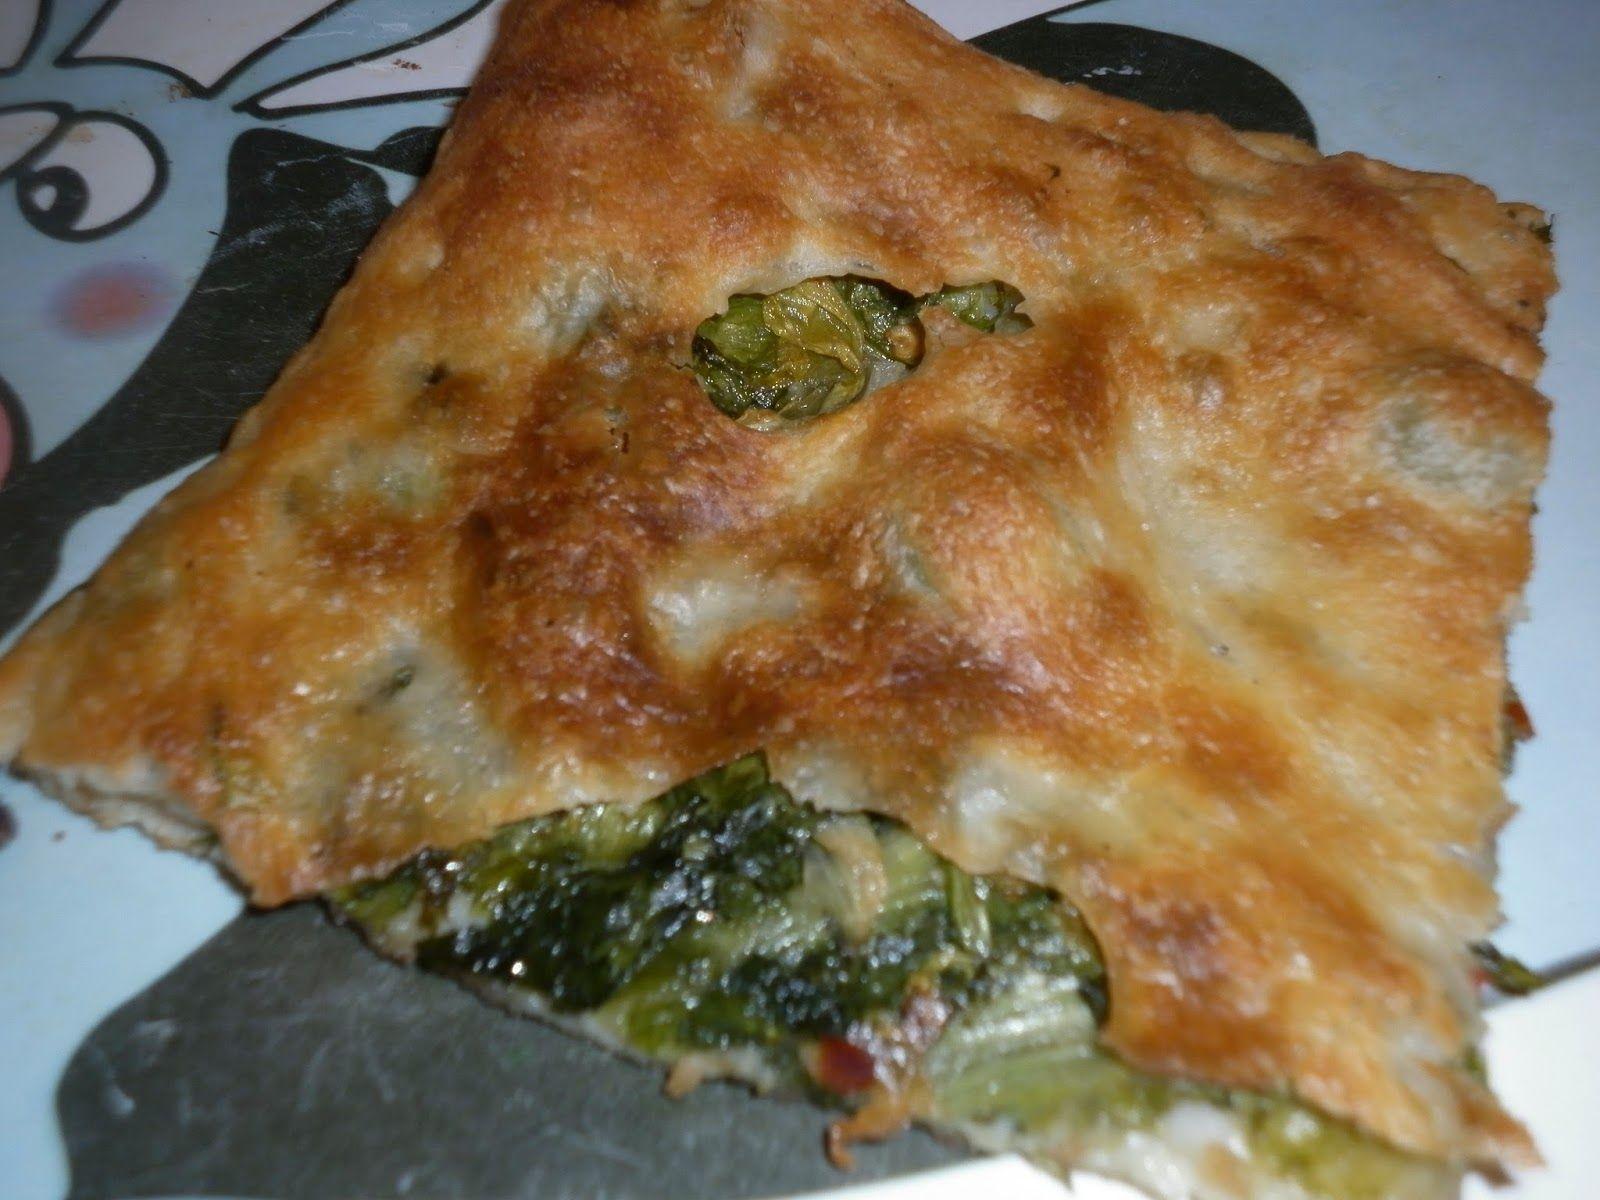 Mangio sano........mangio Vegano! (e mi diverto): Pizza ripiena di scarola